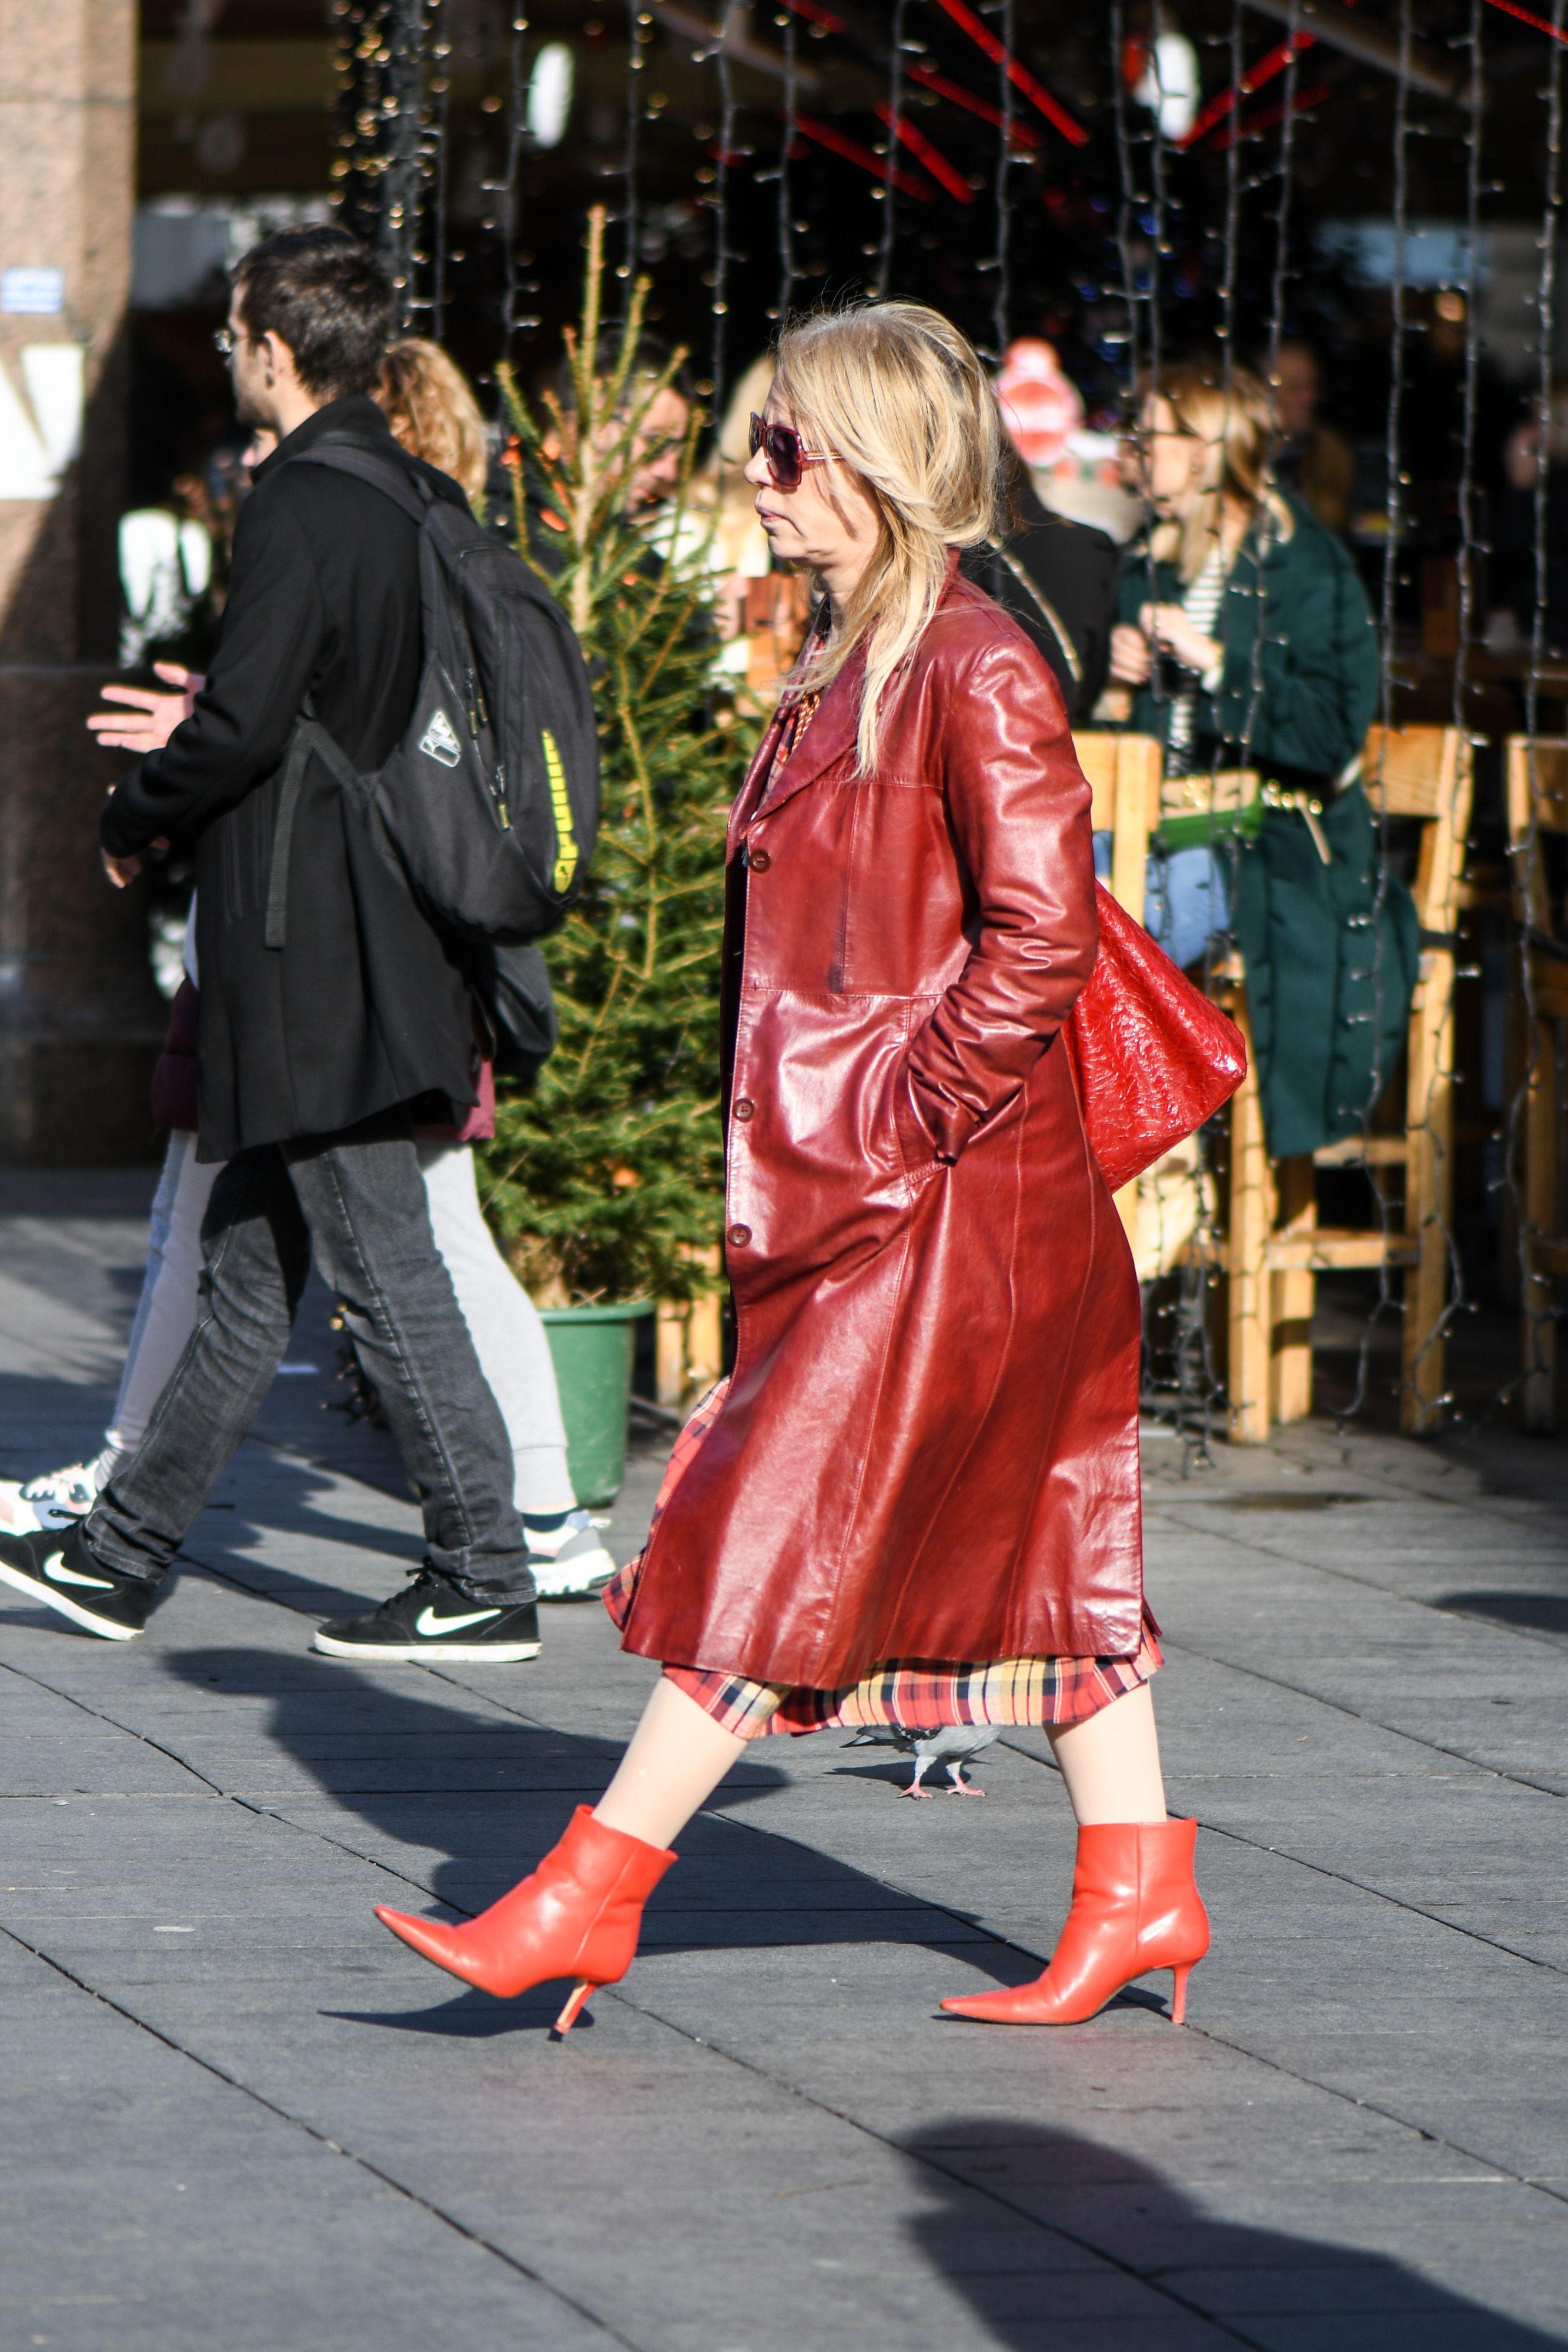 Sve nijanse crvene! Dama iz centra svojim je efektnim outfitom održala pravu modnu lekciju